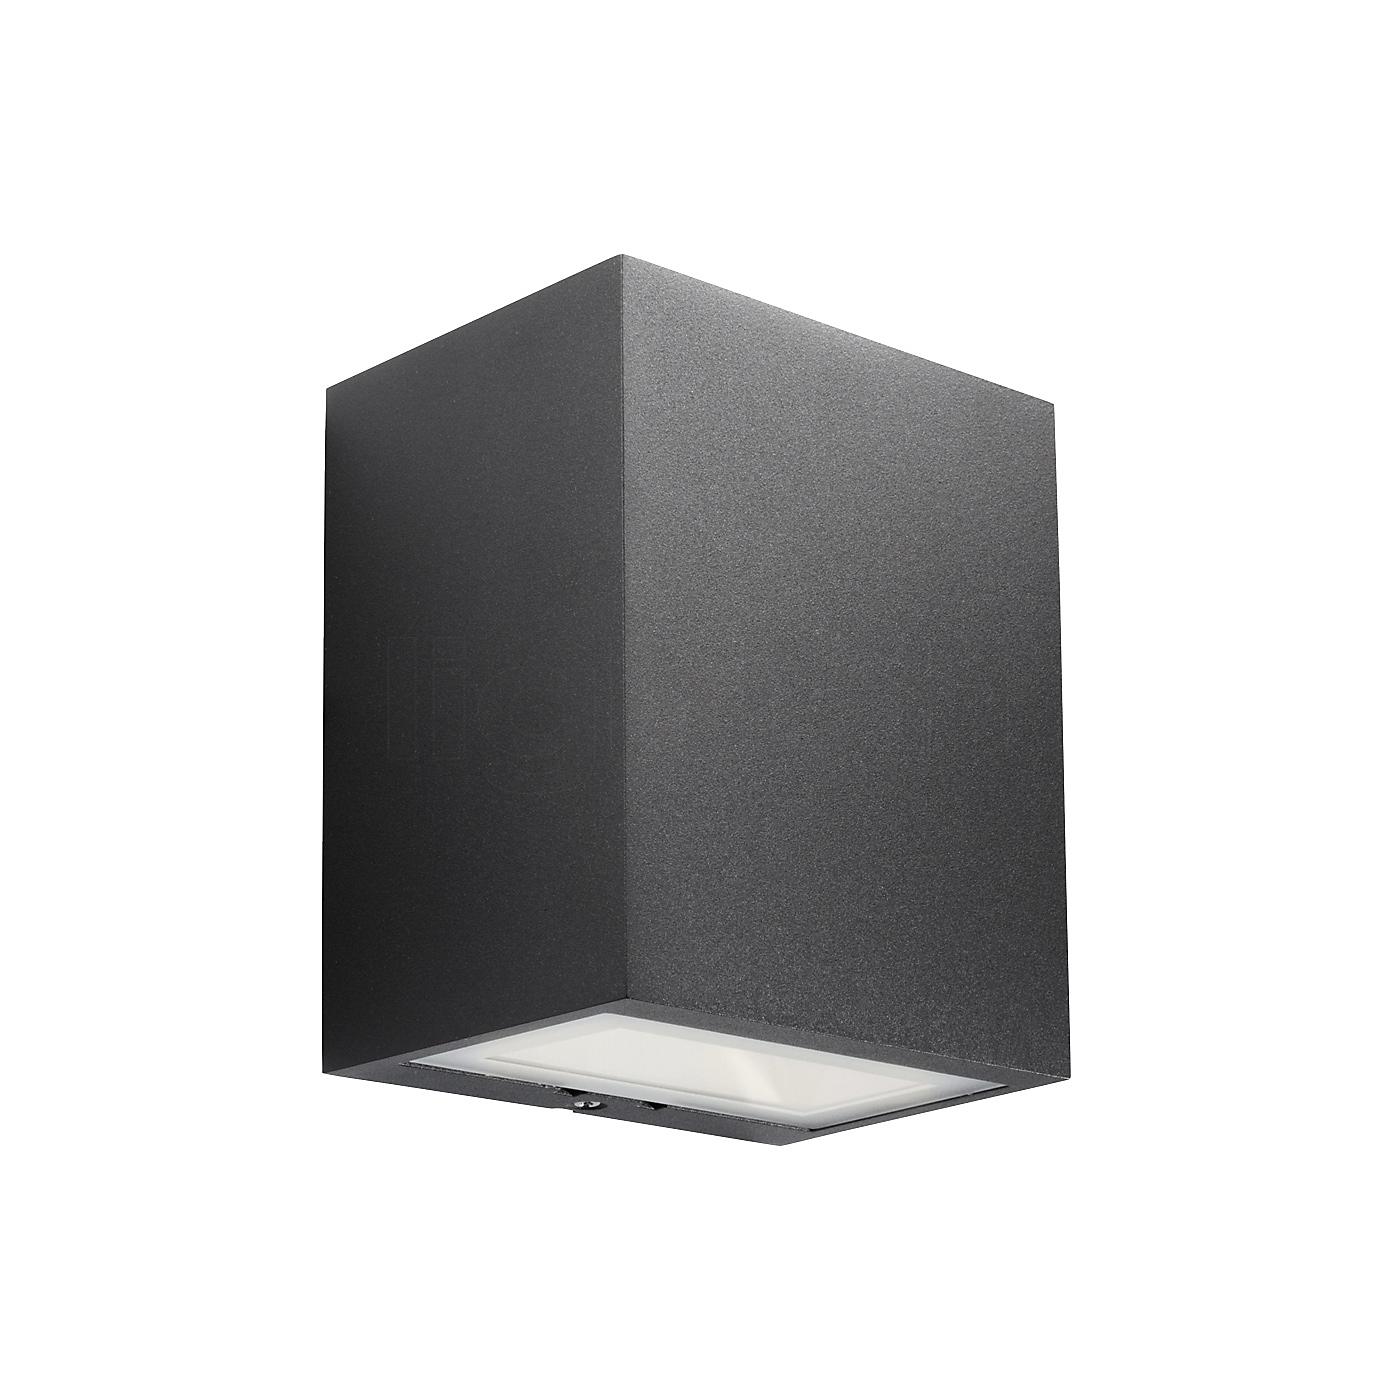 philips ledino flagstone wandlamp led wandlampen